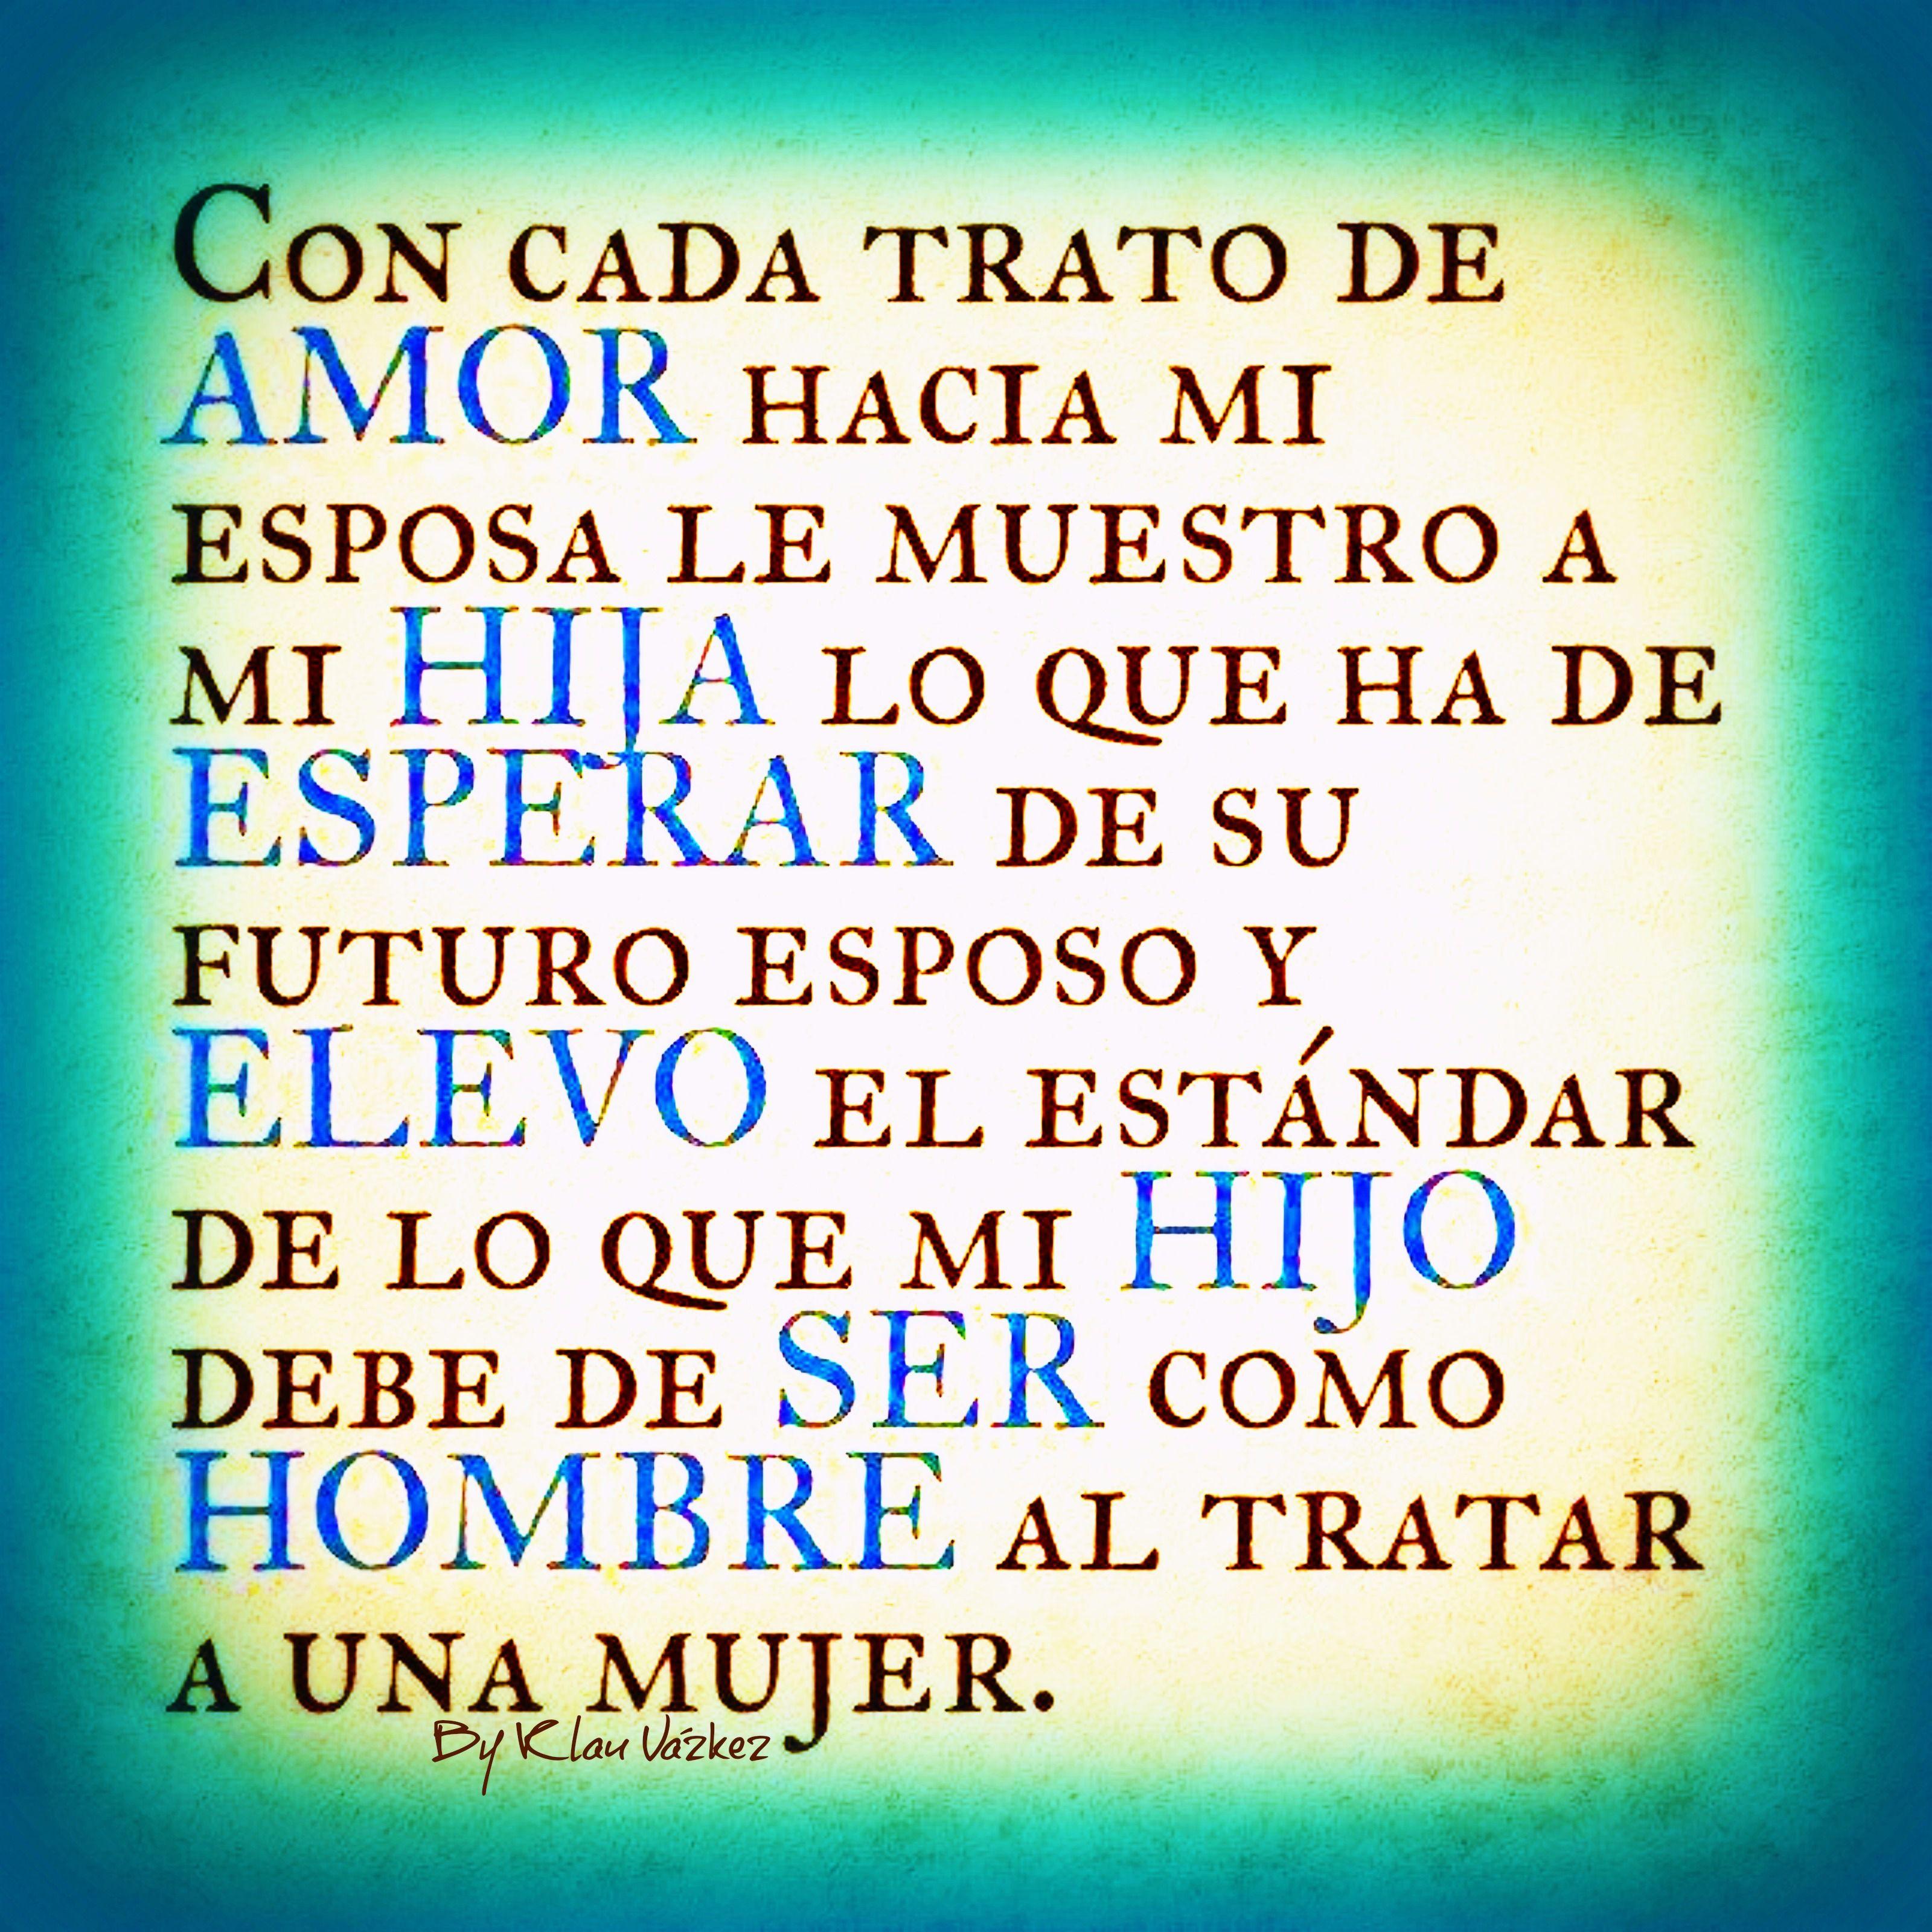 wife inspiration motivational spanish english